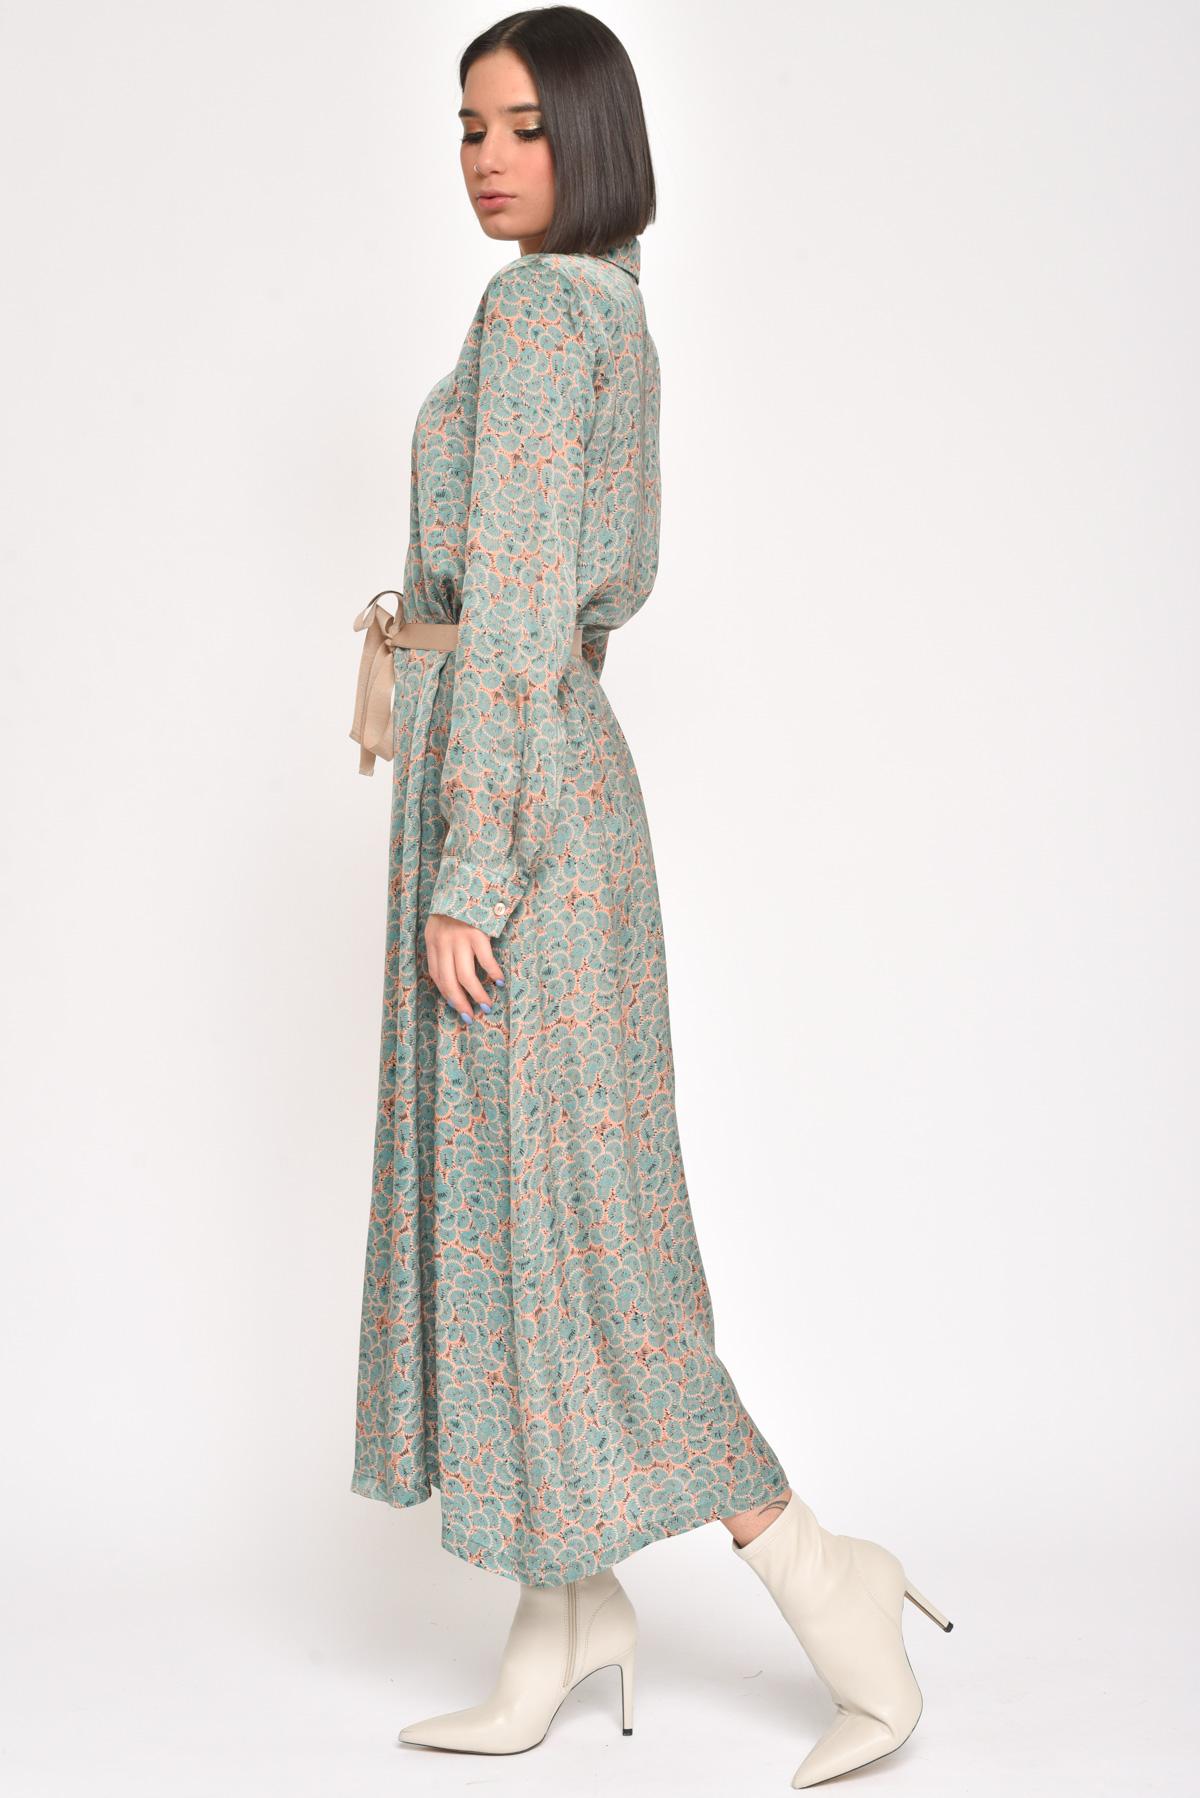 ABITO/CHEMISIER FANTASIA PIUME for women - GREEN - Paquito Pronto Moda Shop Online